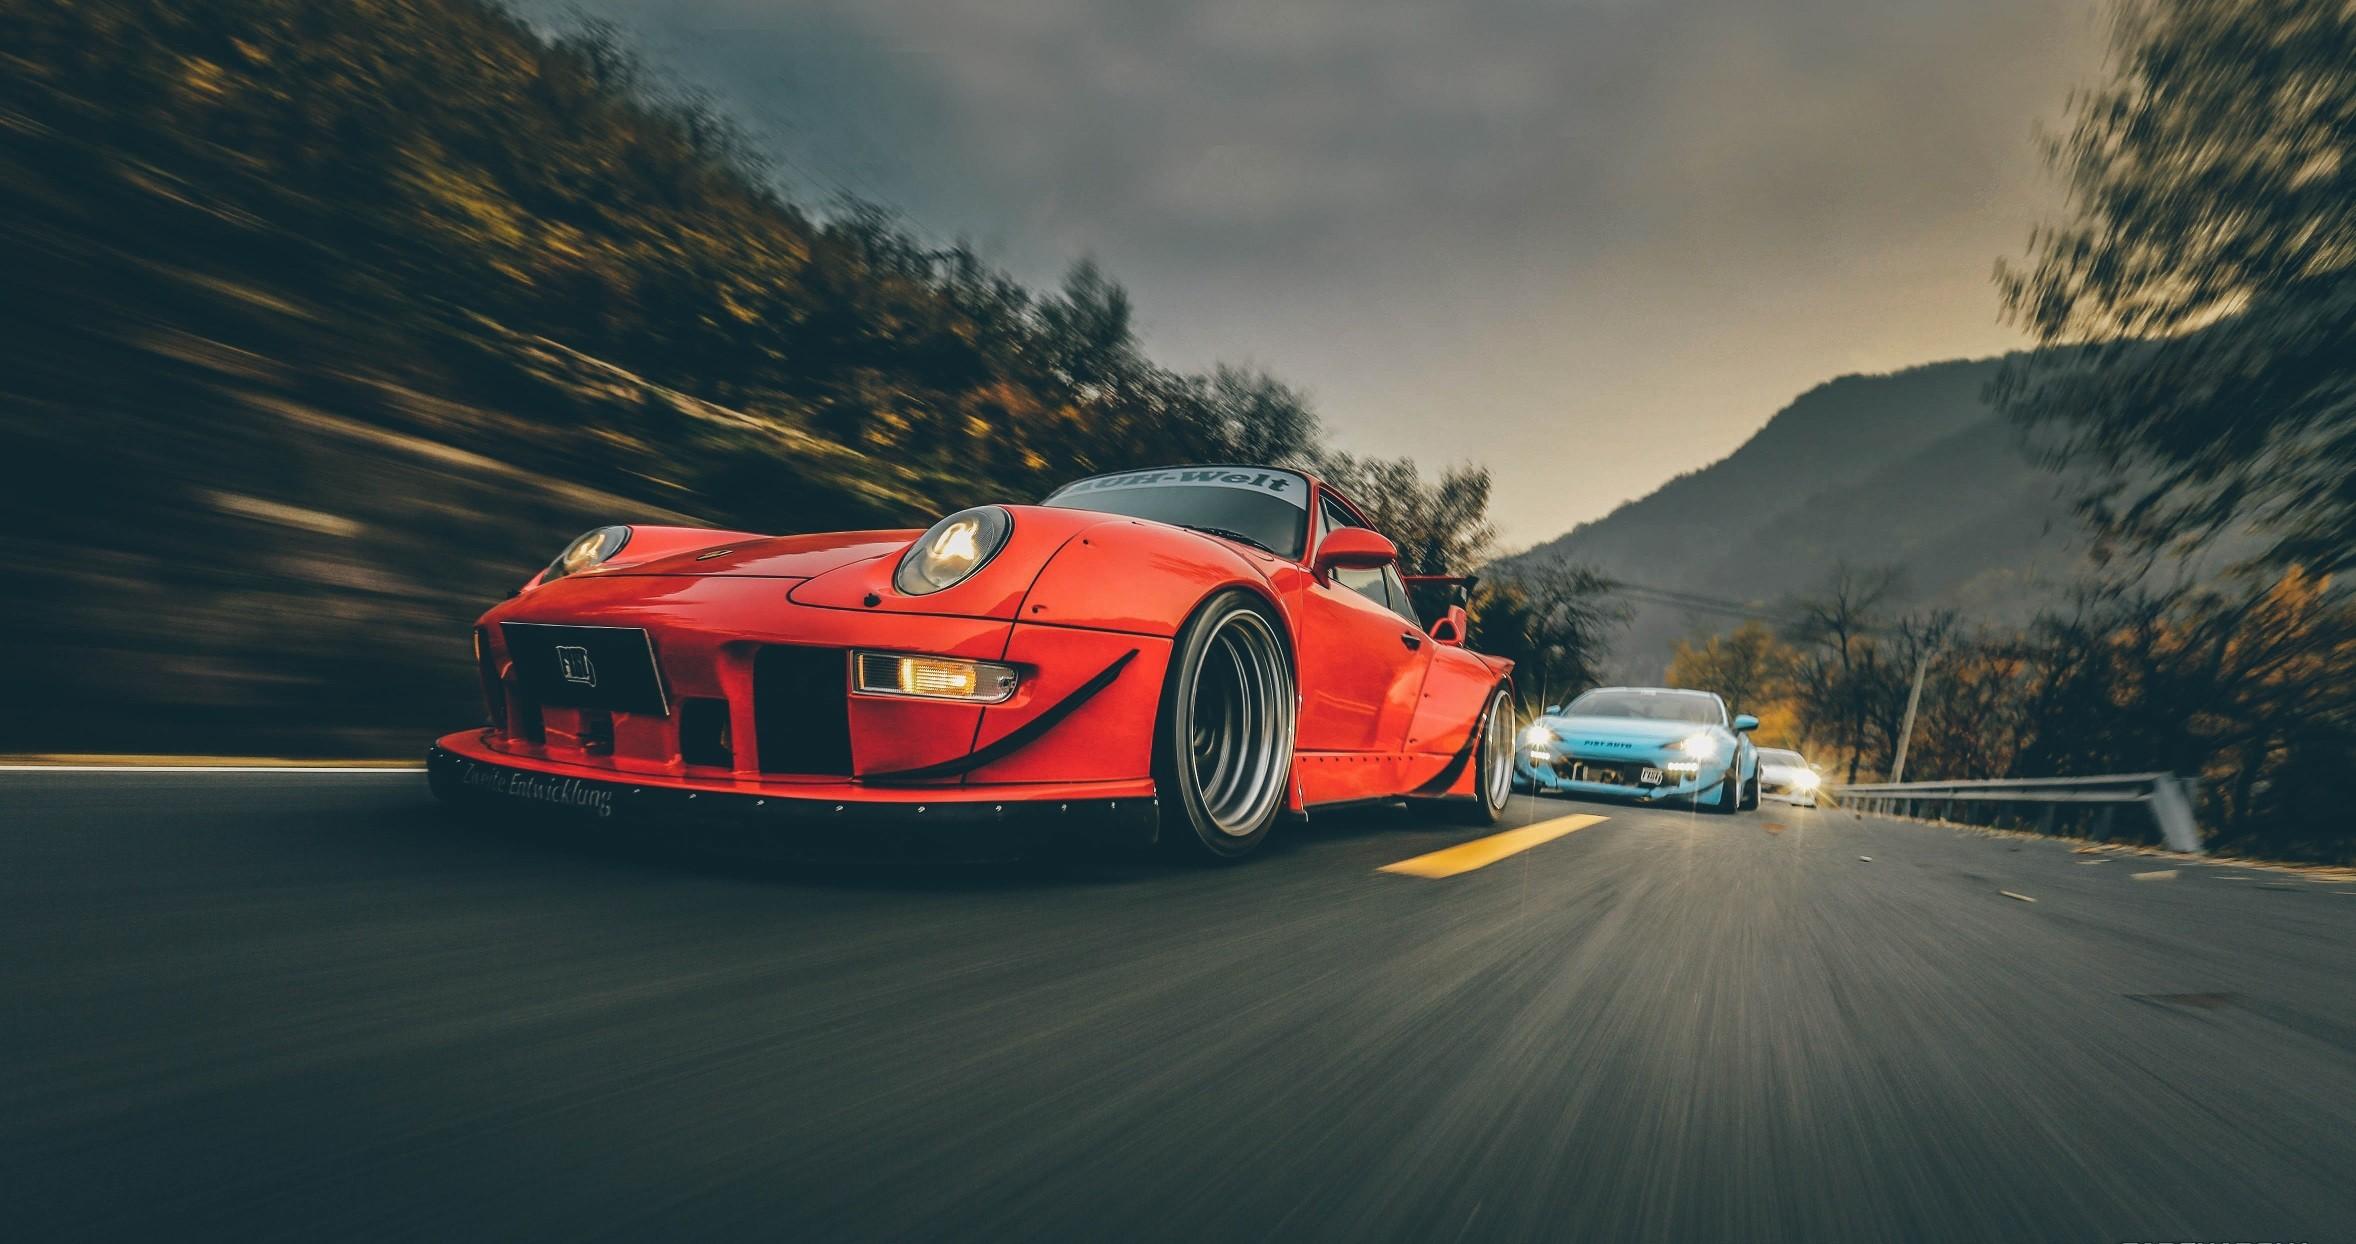 Fondos De Vehiculos: Fondos De Pantalla : Vehículo, Porsche, Coches Rojos